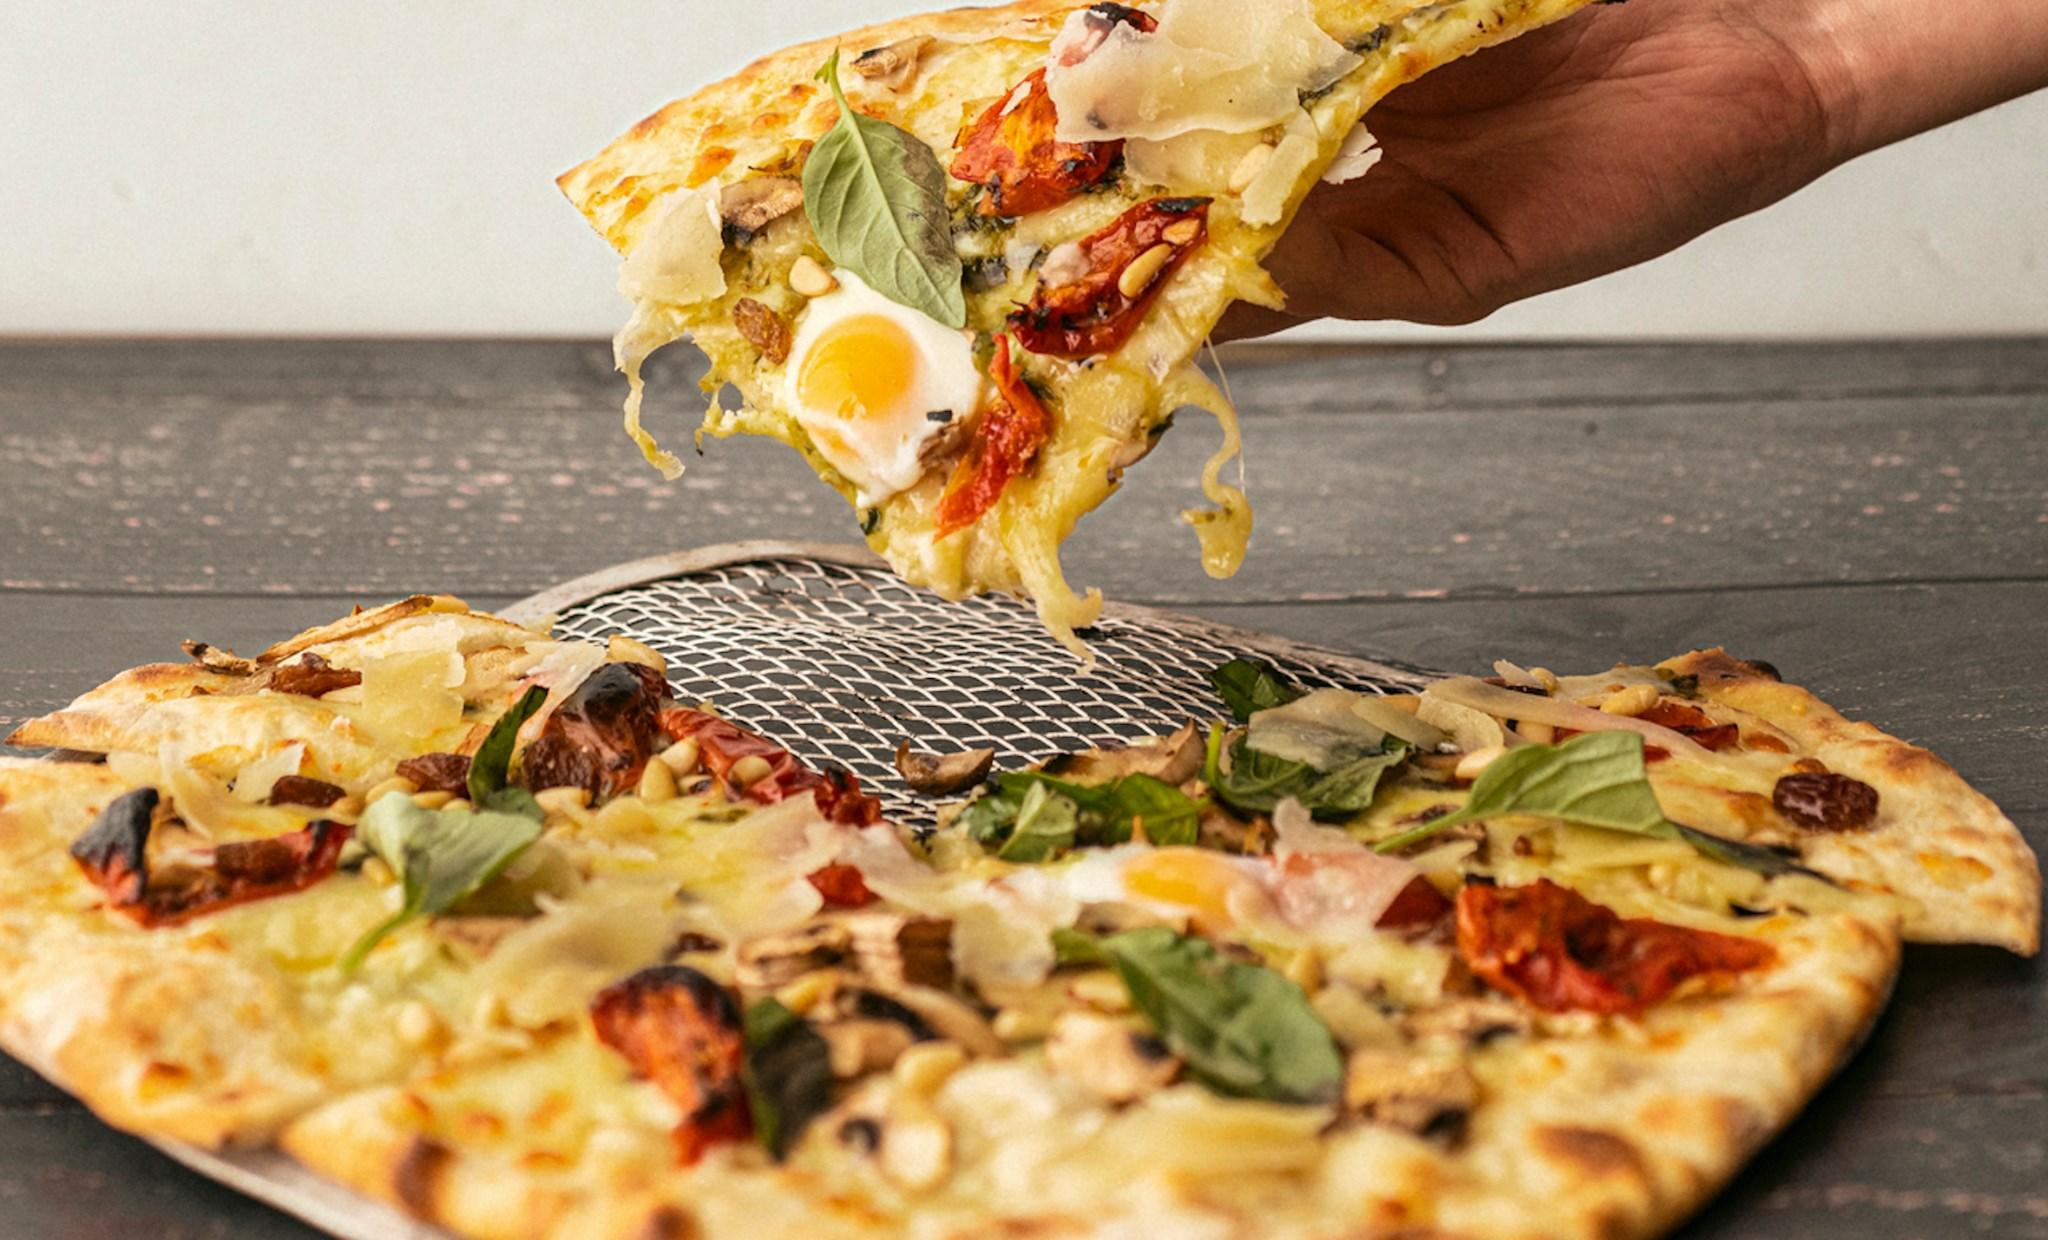 pizza para llevar - Las pizzas, uno de los platos más pedidos durante la crisis del coronavirus